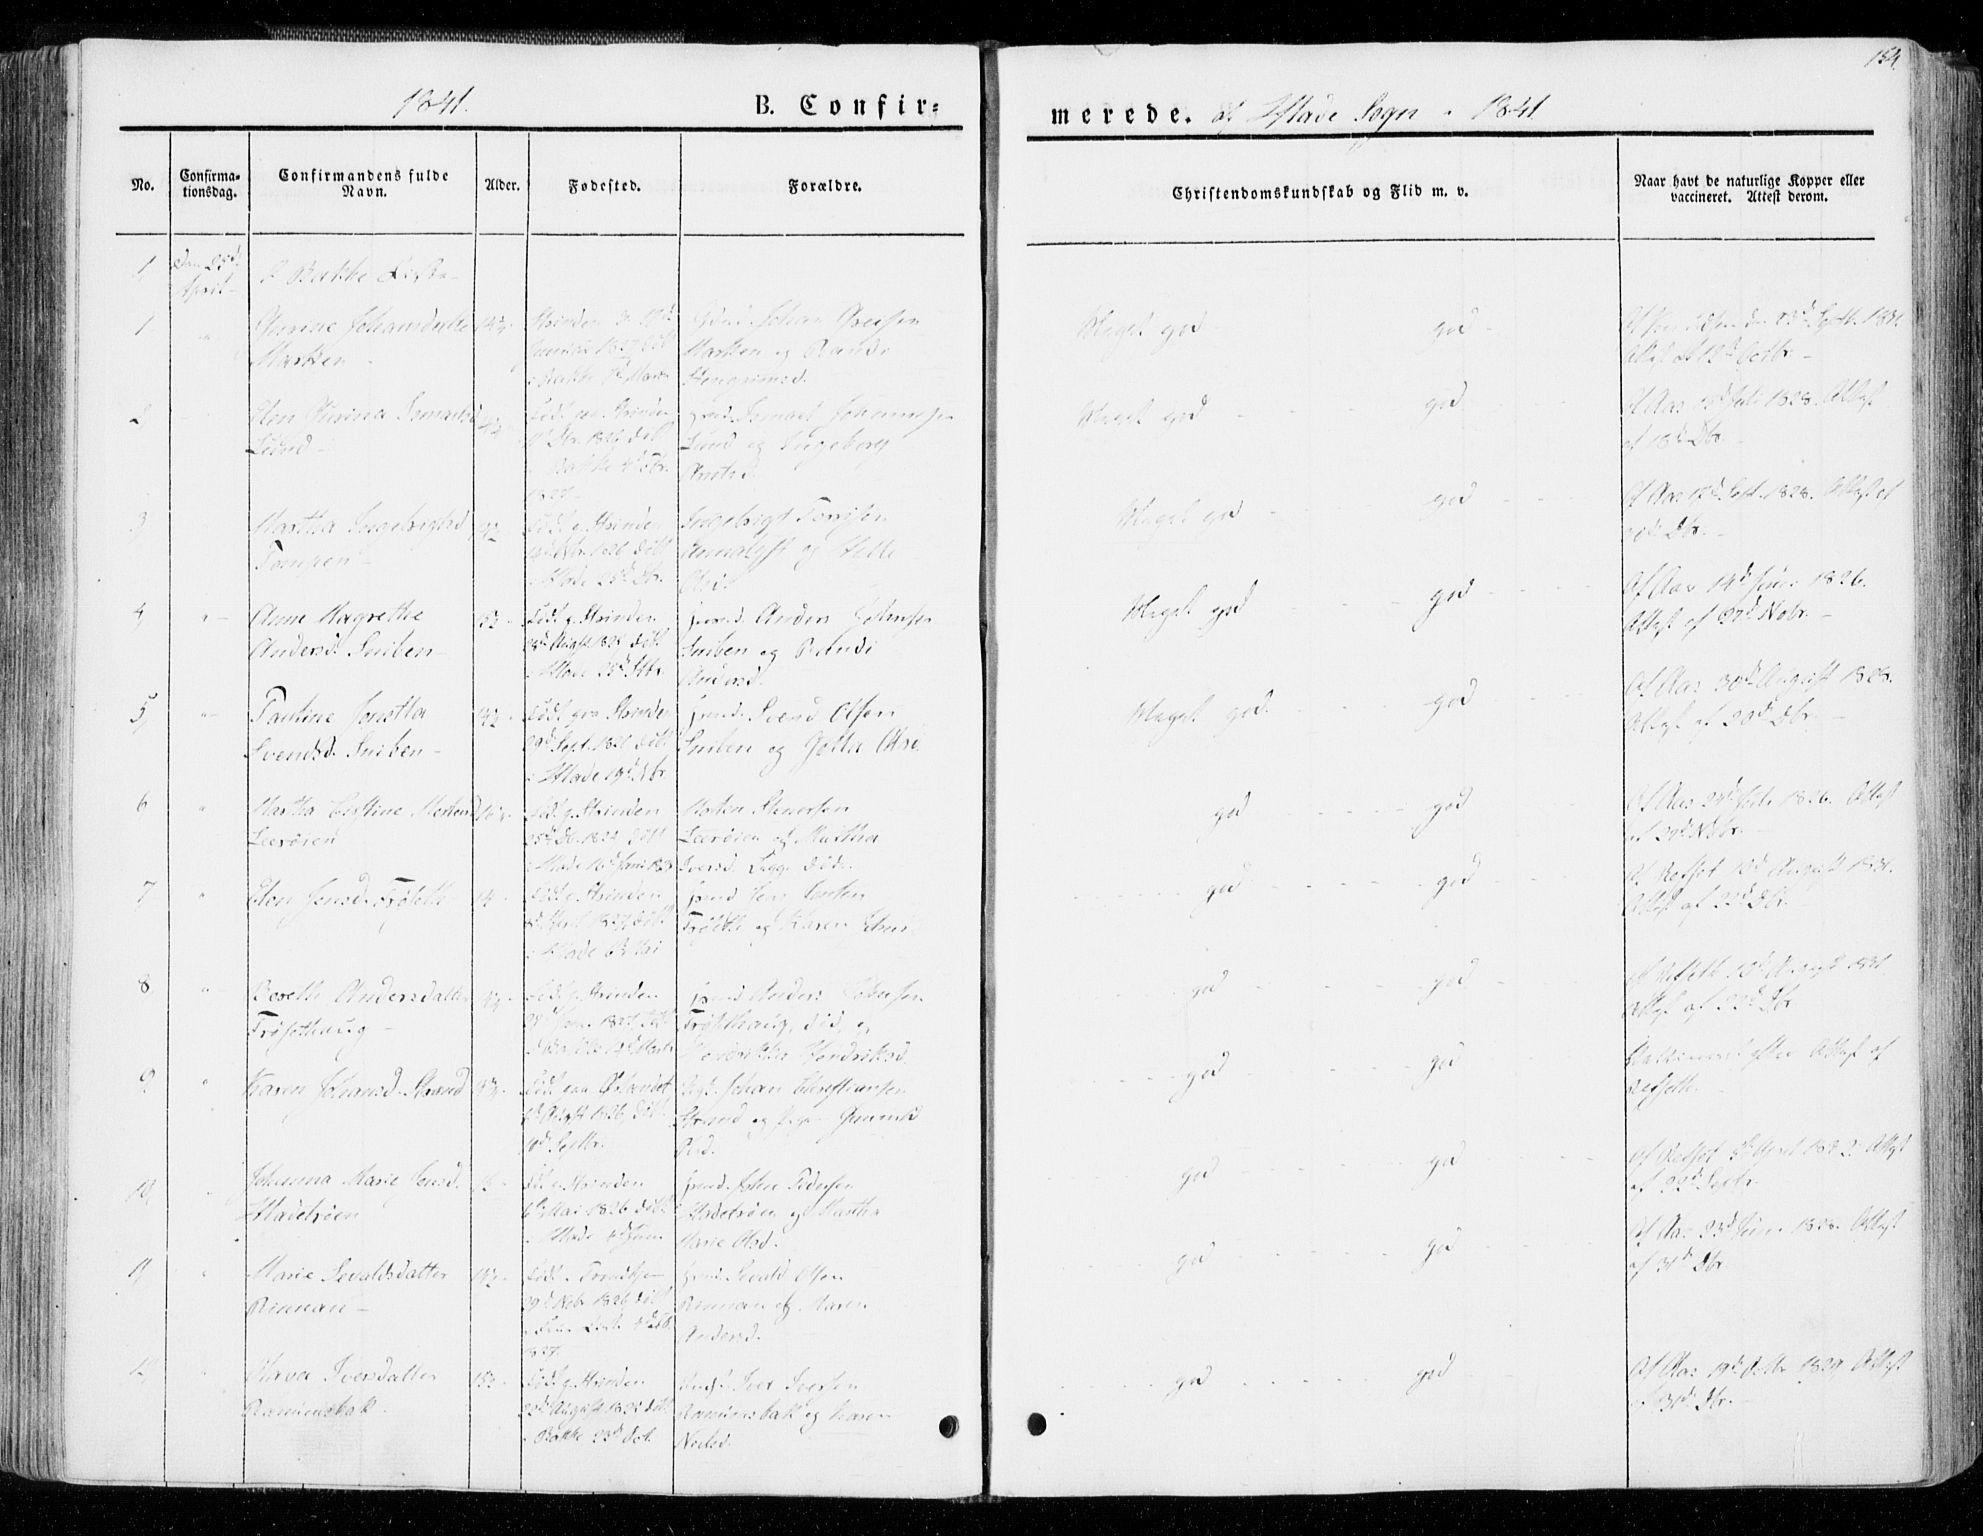 SAT, Ministerialprotokoller, klokkerbøker og fødselsregistre - Sør-Trøndelag, 606/L0290: Ministerialbok nr. 606A05, 1841-1847, s. 154